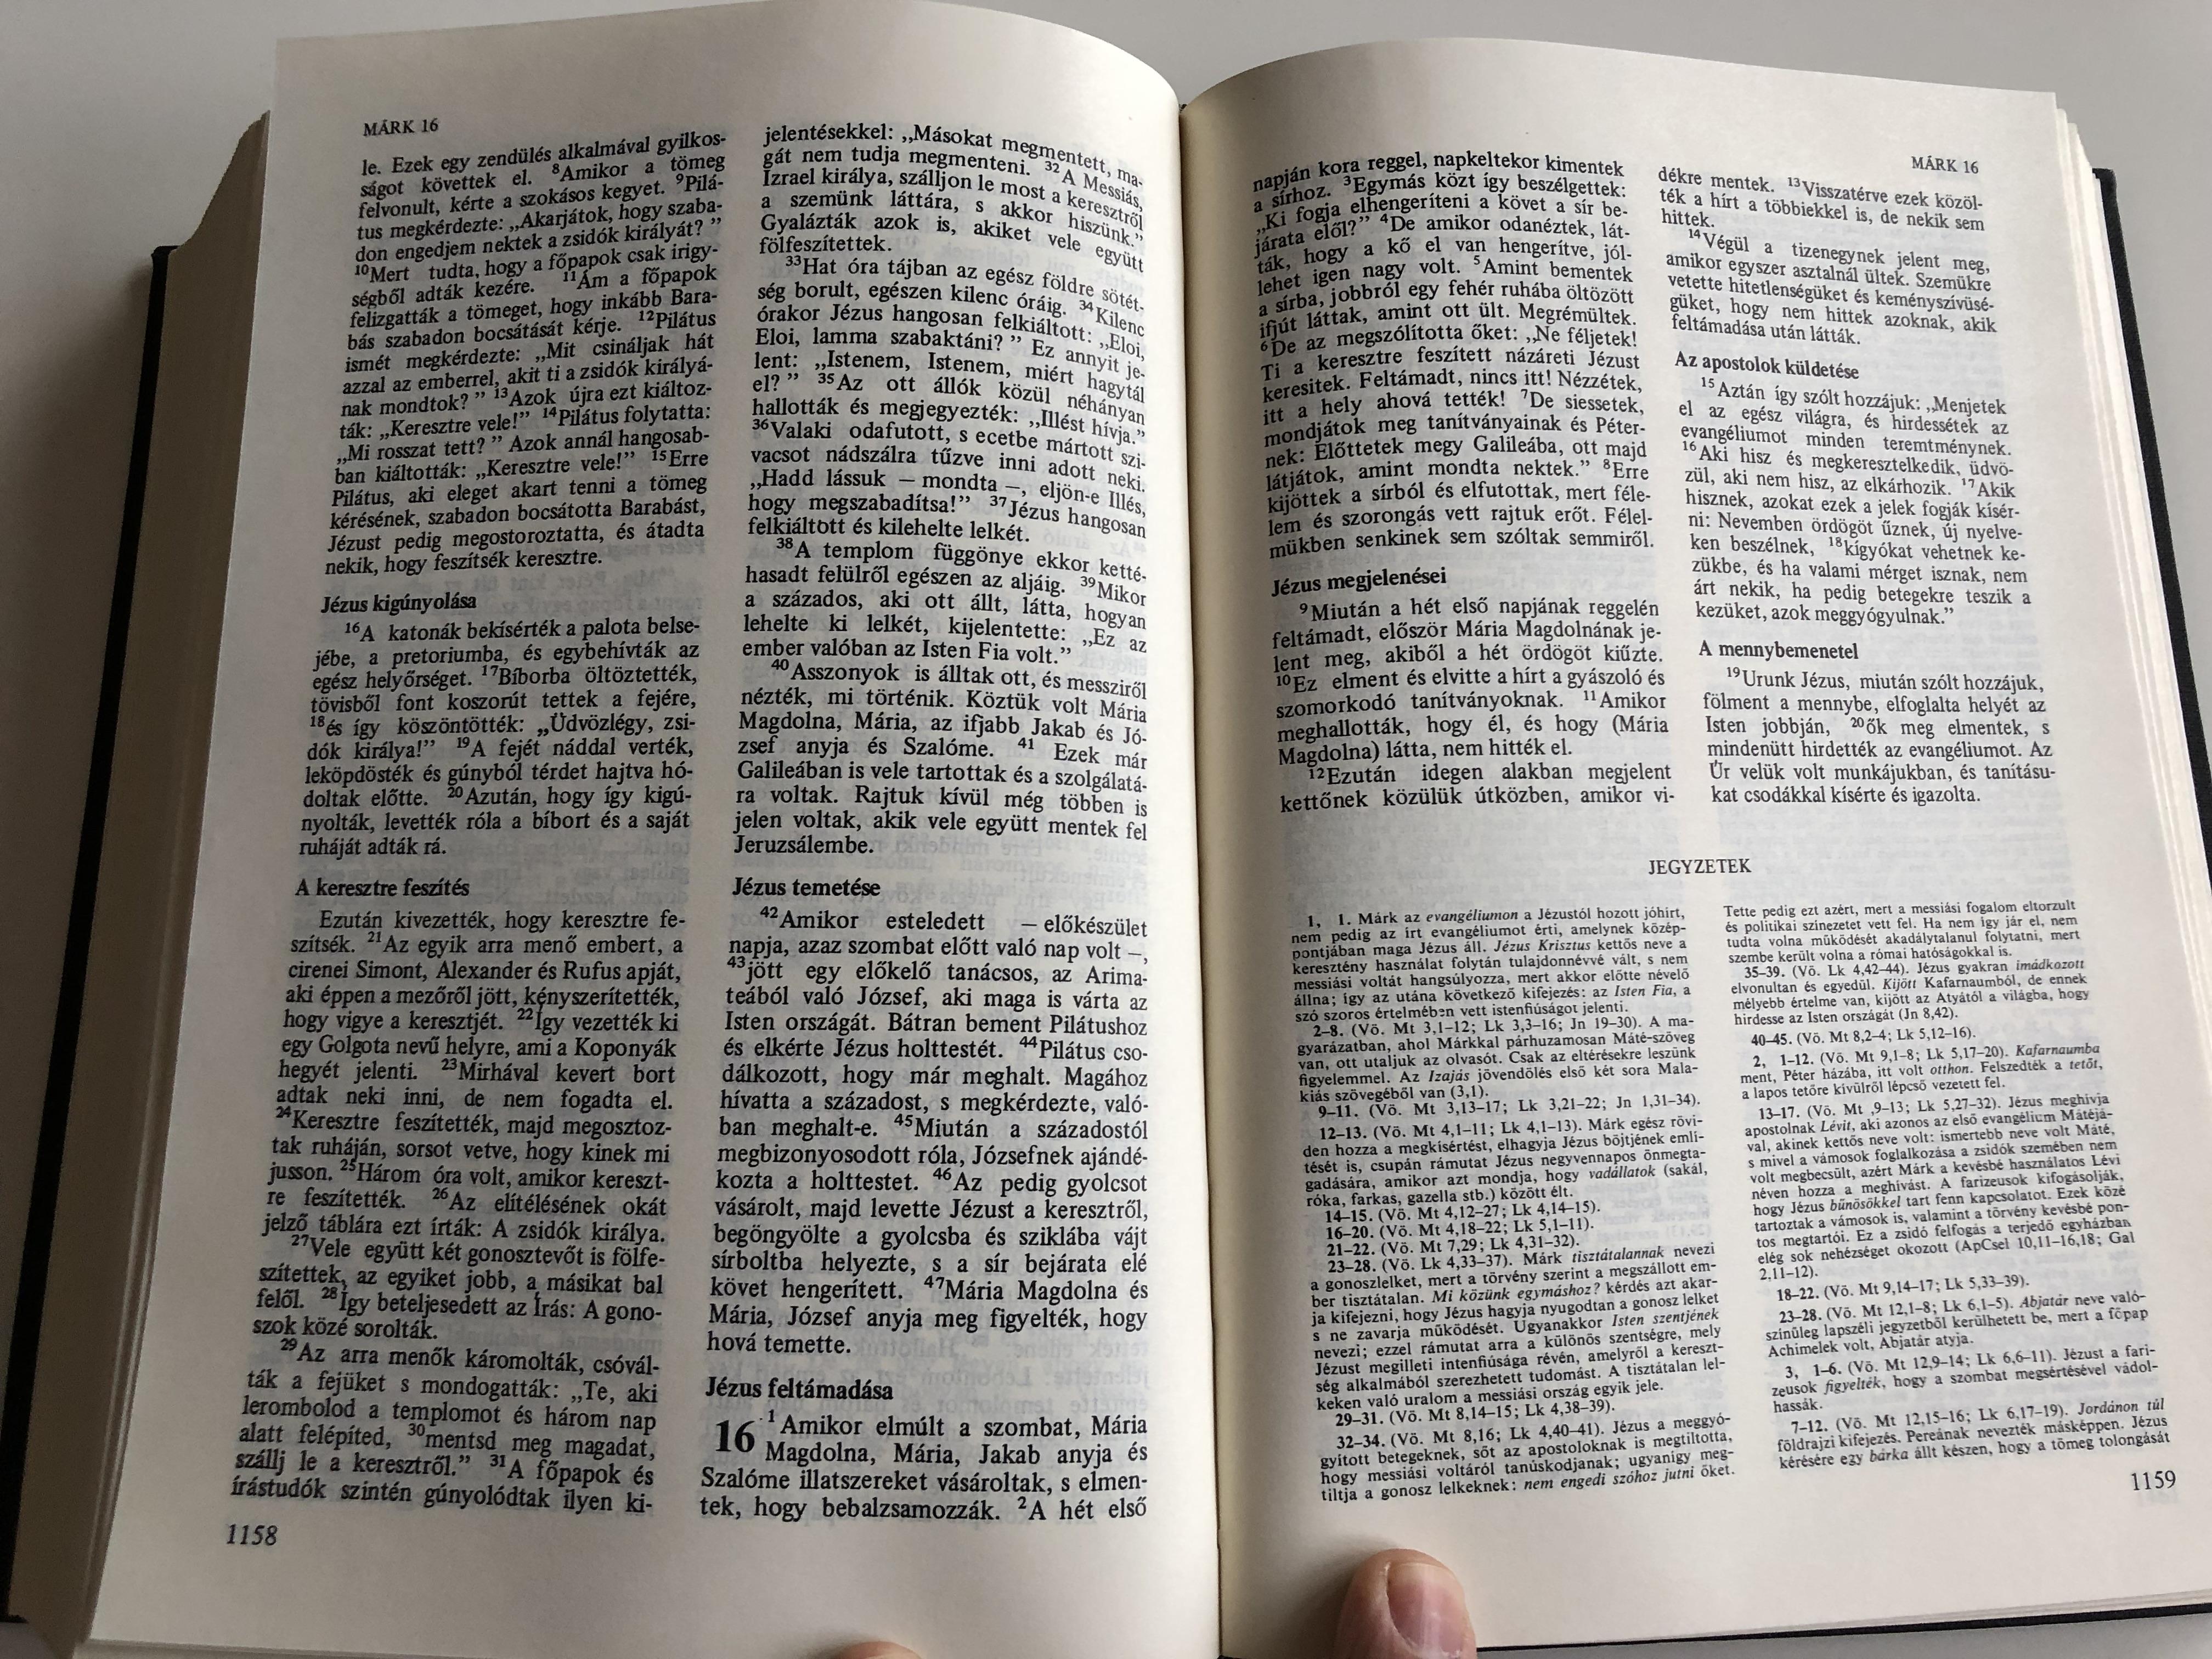 large-hungarian-family-bible-catholic-1982-print-nagy-magyar-katolikus-csaladi-biblia-fekete-kemenytablas-10-.jpg